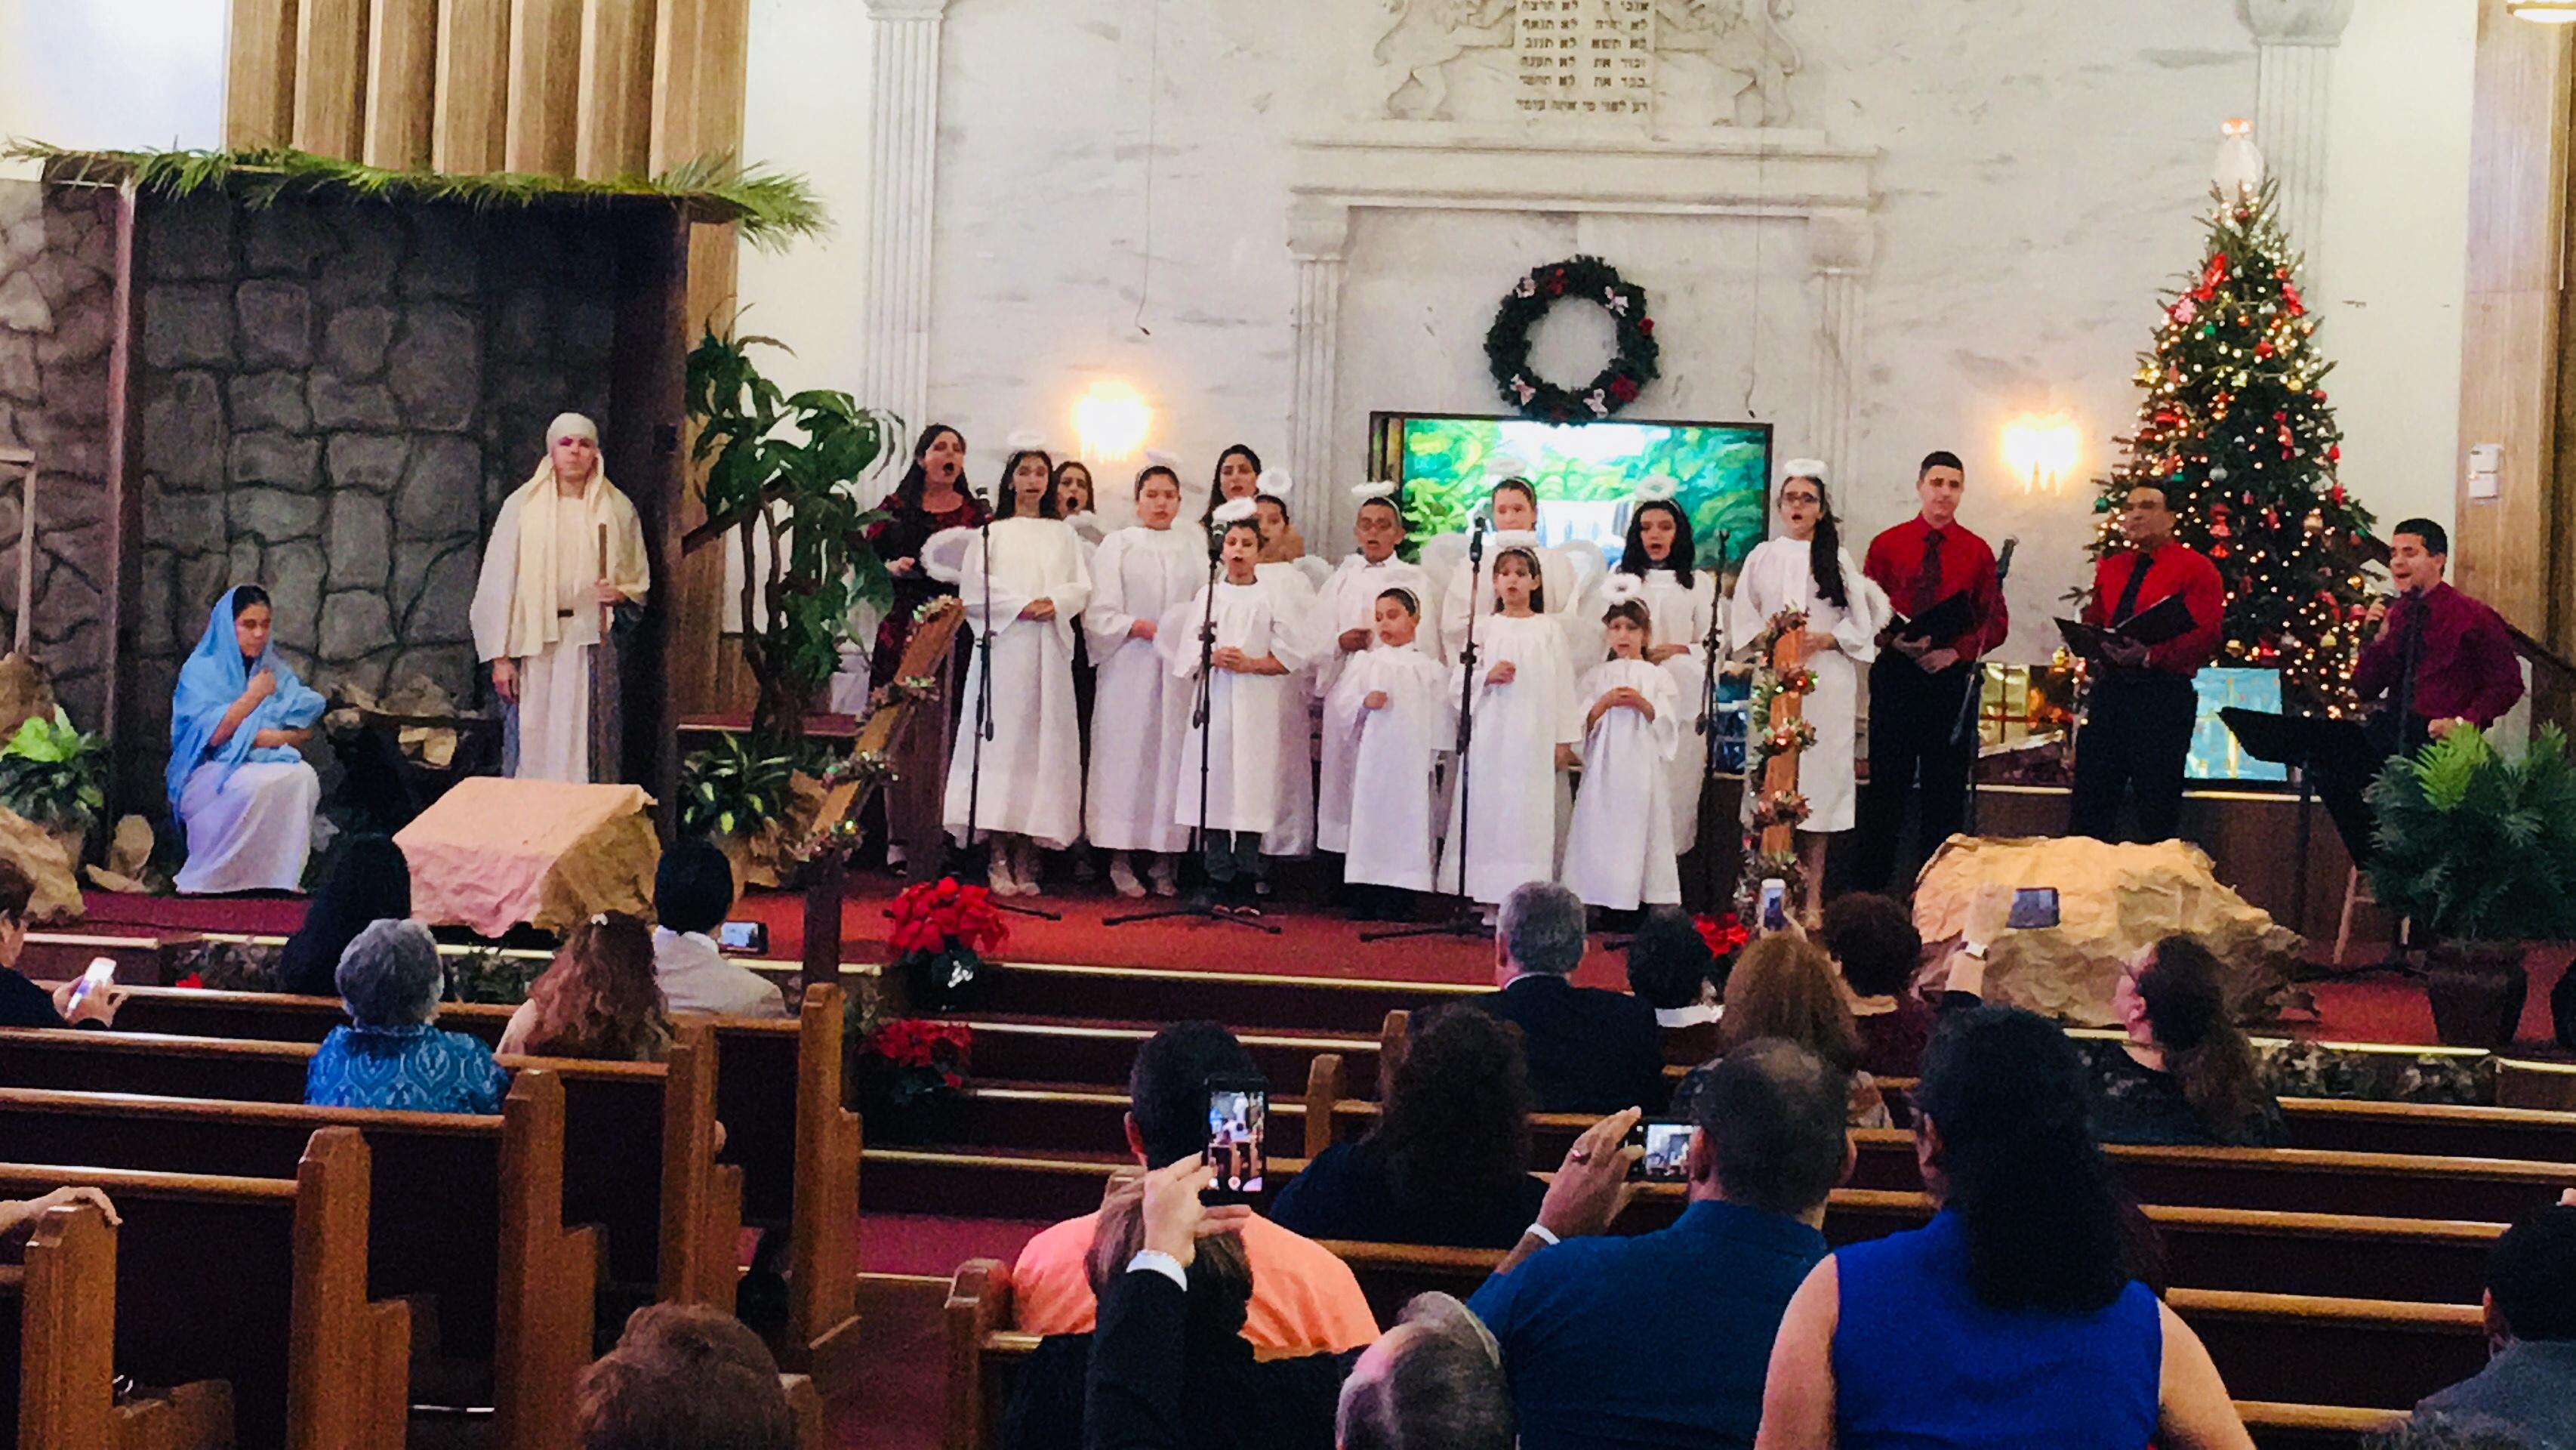 Cantata de Navidad 2017